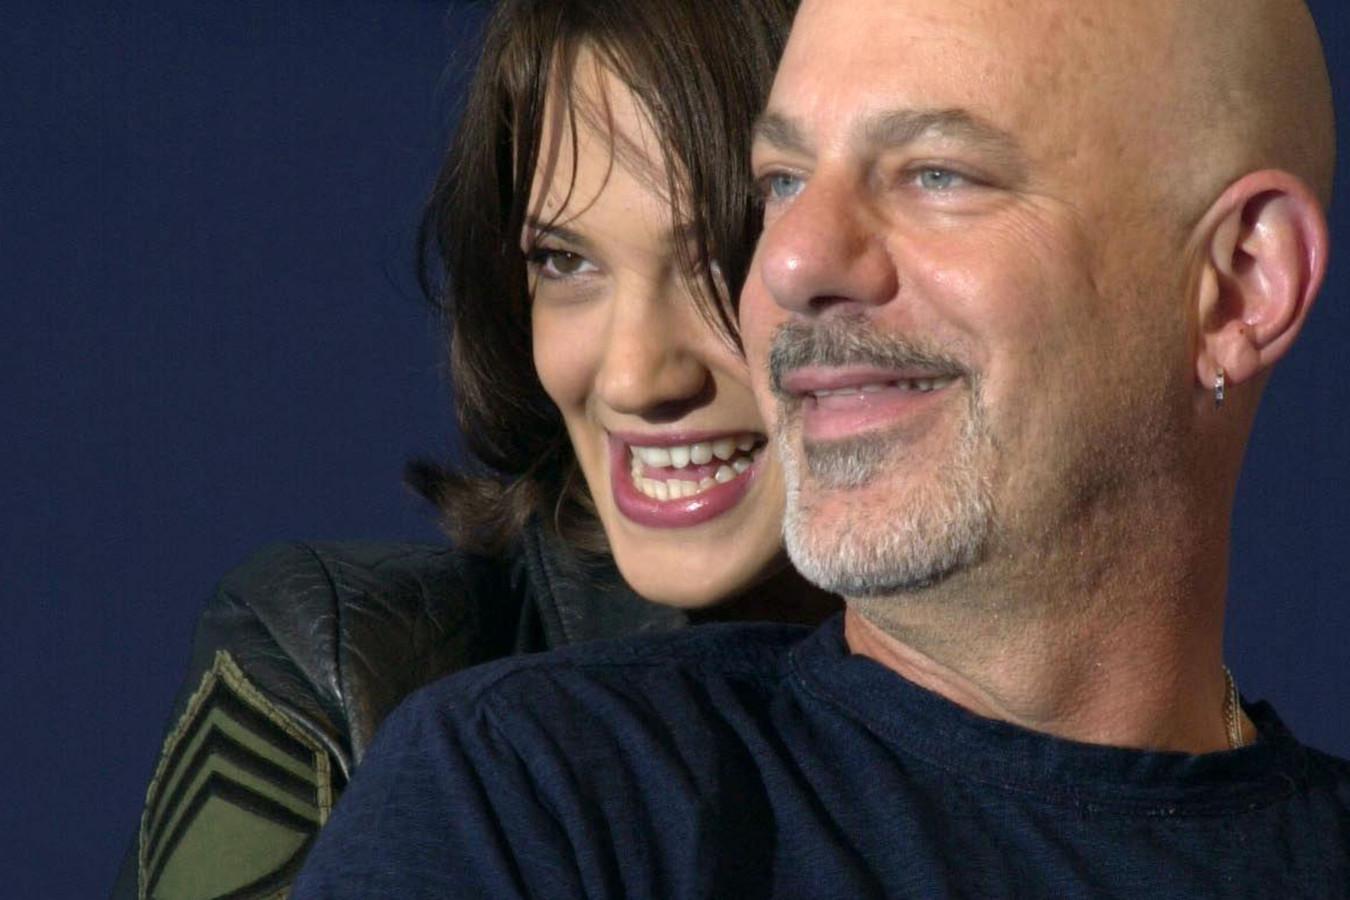 Archiefbeeld. Actrice Asia Argento samen met regisseur Rob Cohen tijdens het 28ste Amerikaanse filmfestival van Deauville.